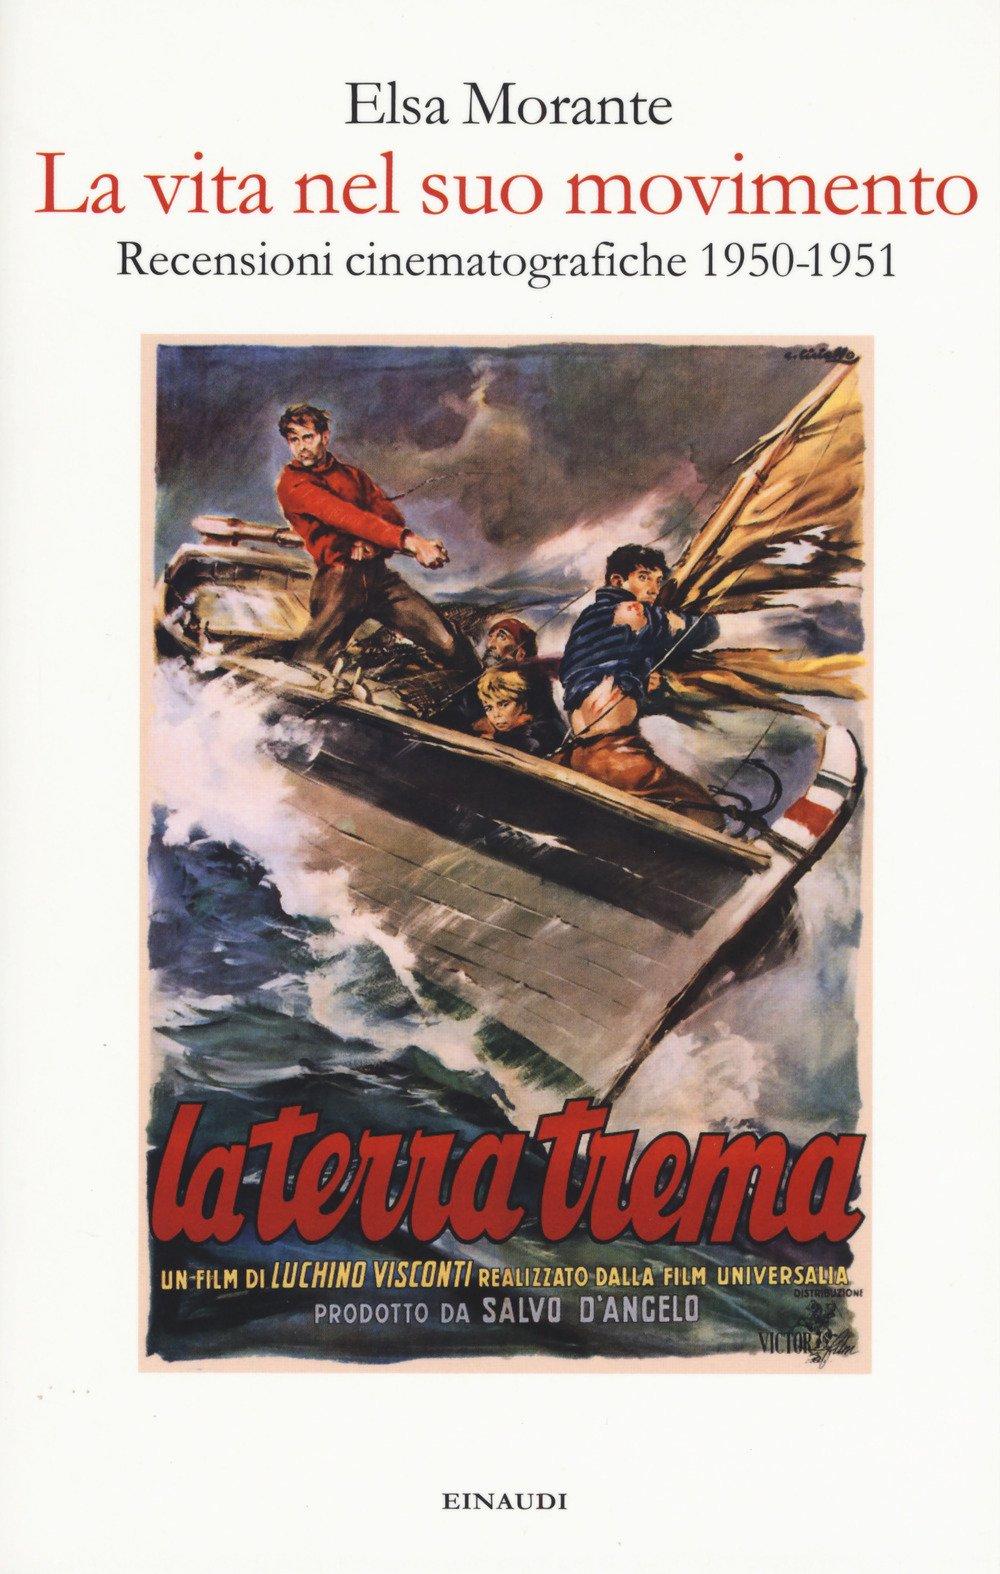 La vita nel suo movimento. Recensioni cinematografiche 1950-1951 (Inglese) Copertina flessibile – 28 feb 2017 Elsa Morante G. Fofi Einaudi 880622350X